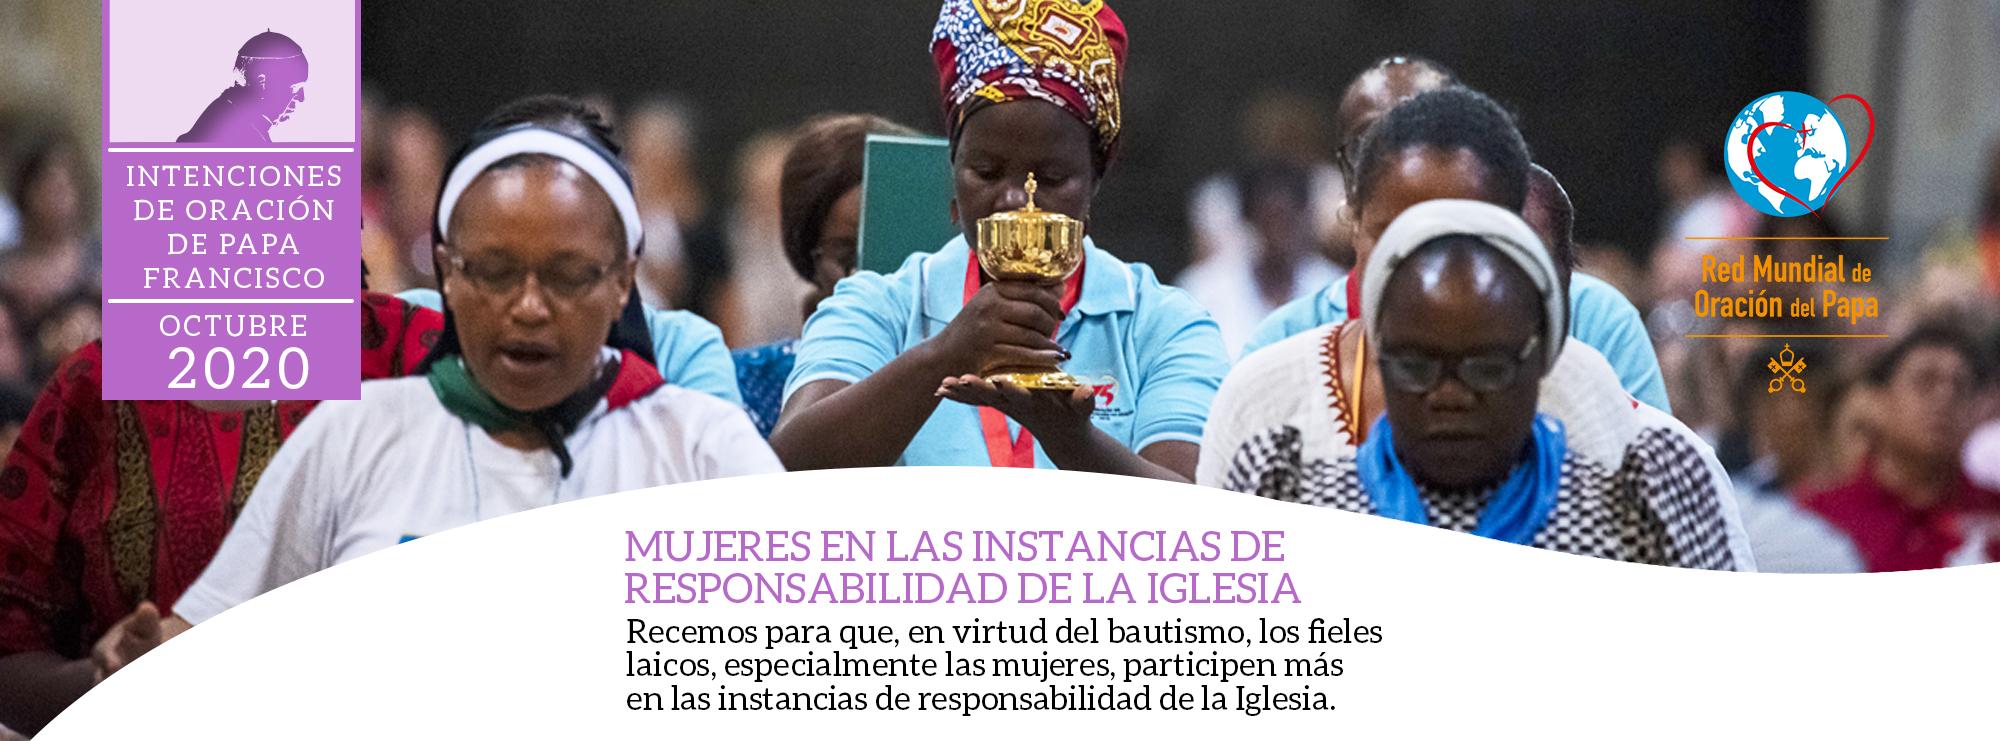 intenciones de oración del papa francisco mujeres octubre 2020